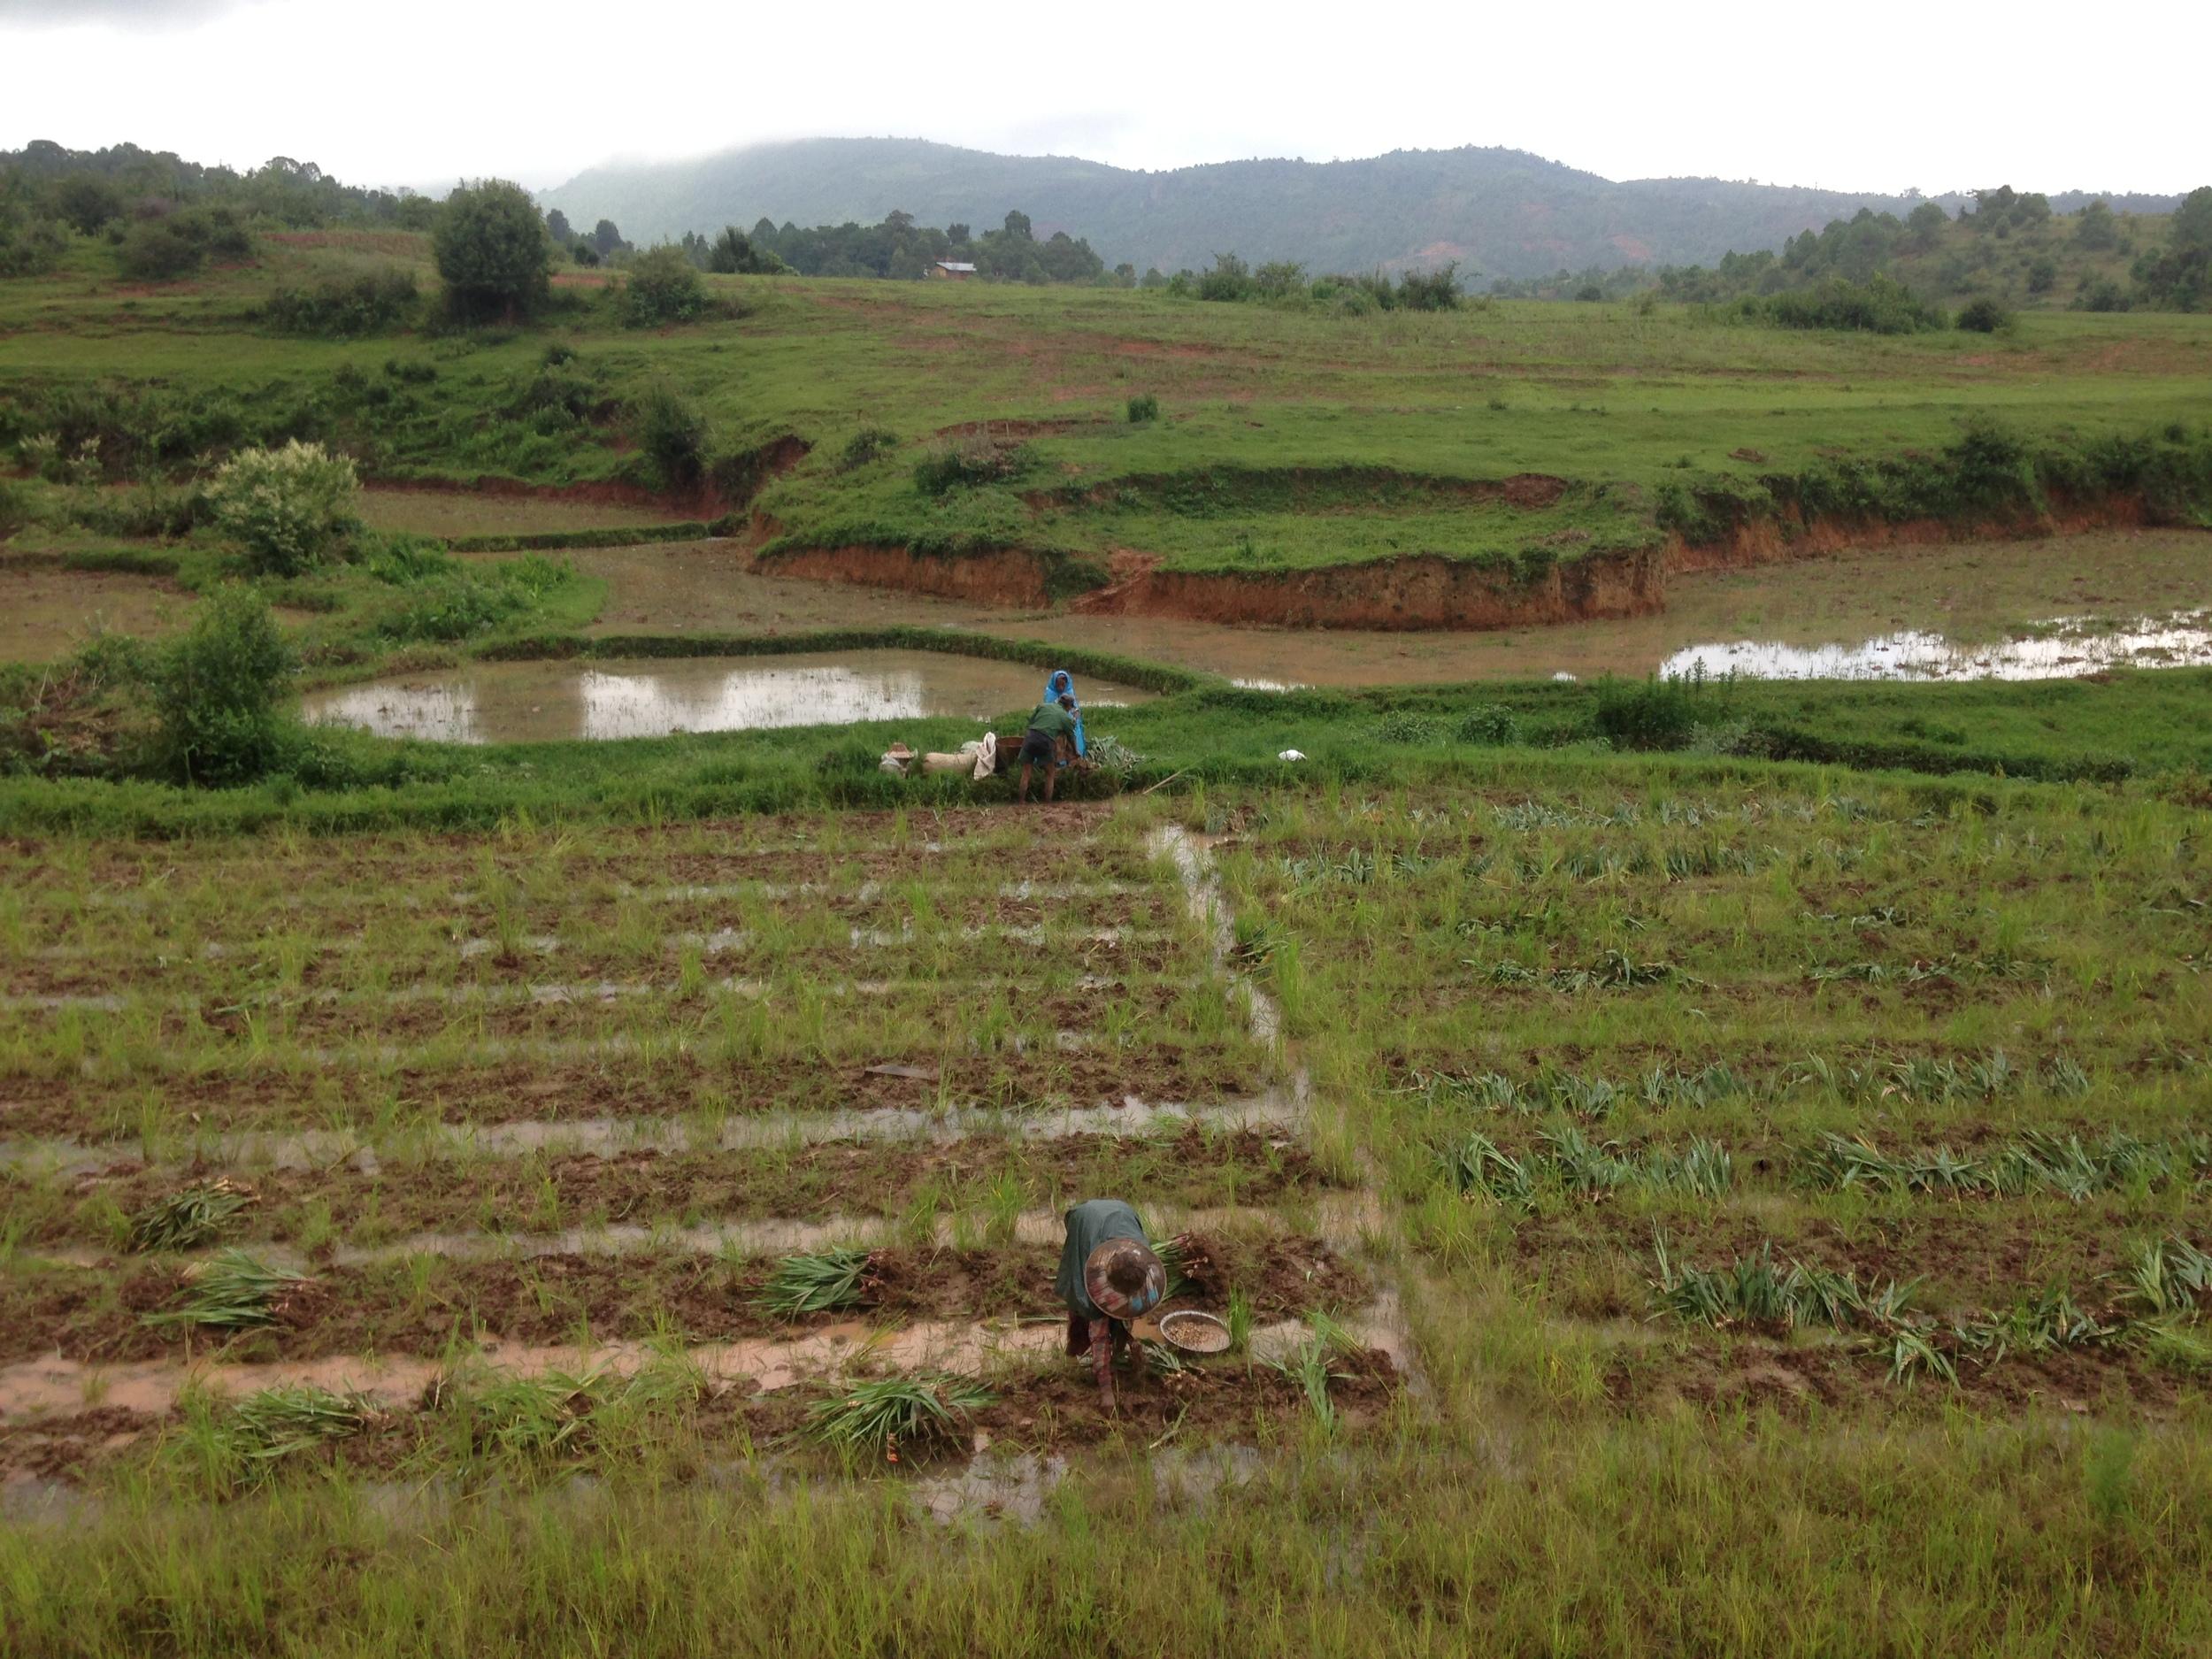 Farmland and rice paddies between Kalaw and Inle Lake.